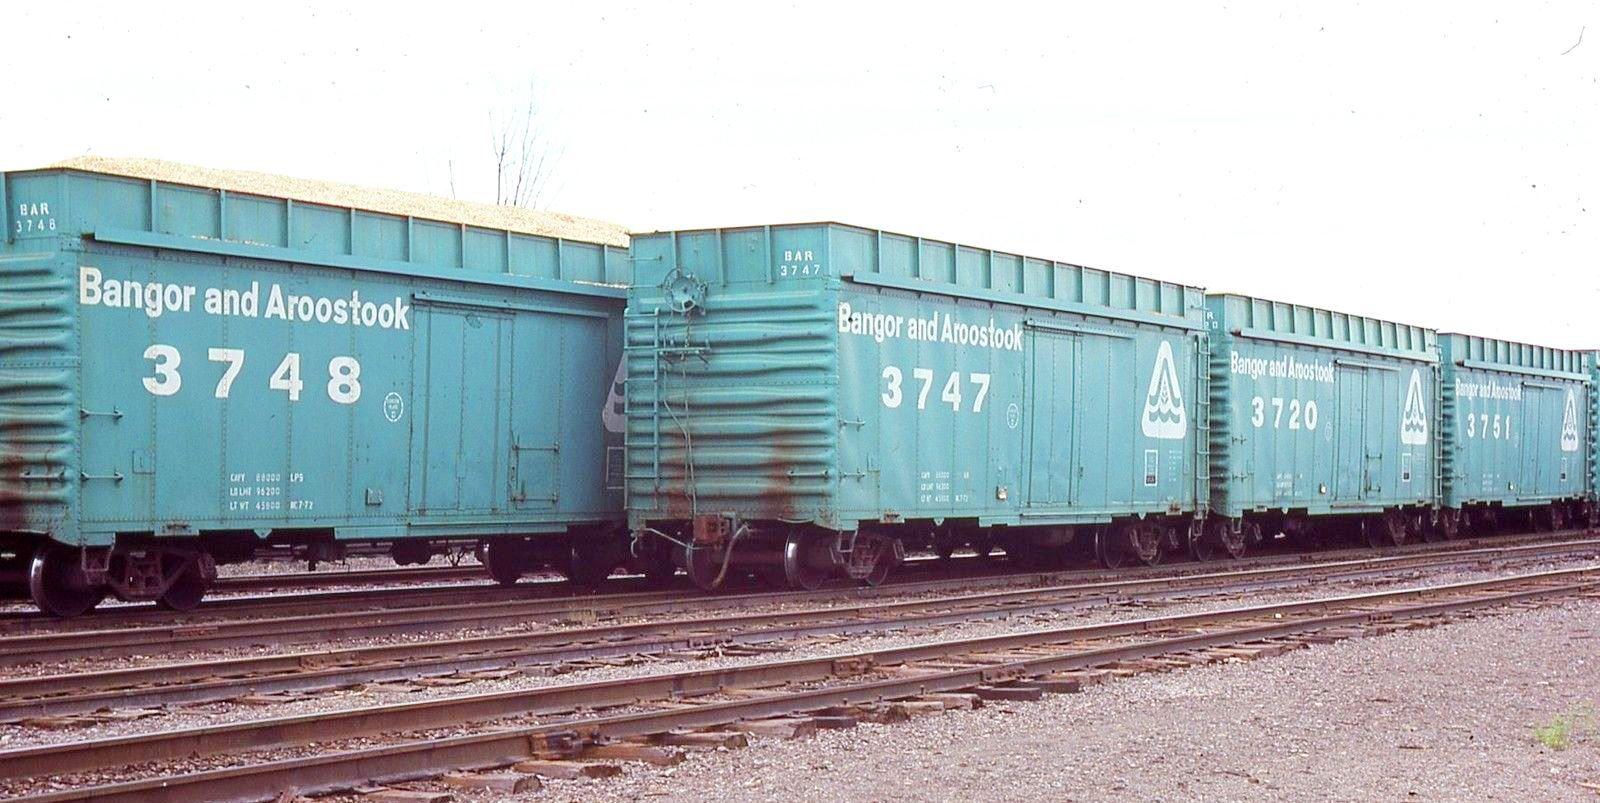 BAR wood chips ebay 1974 Vintage train, Train car, Model